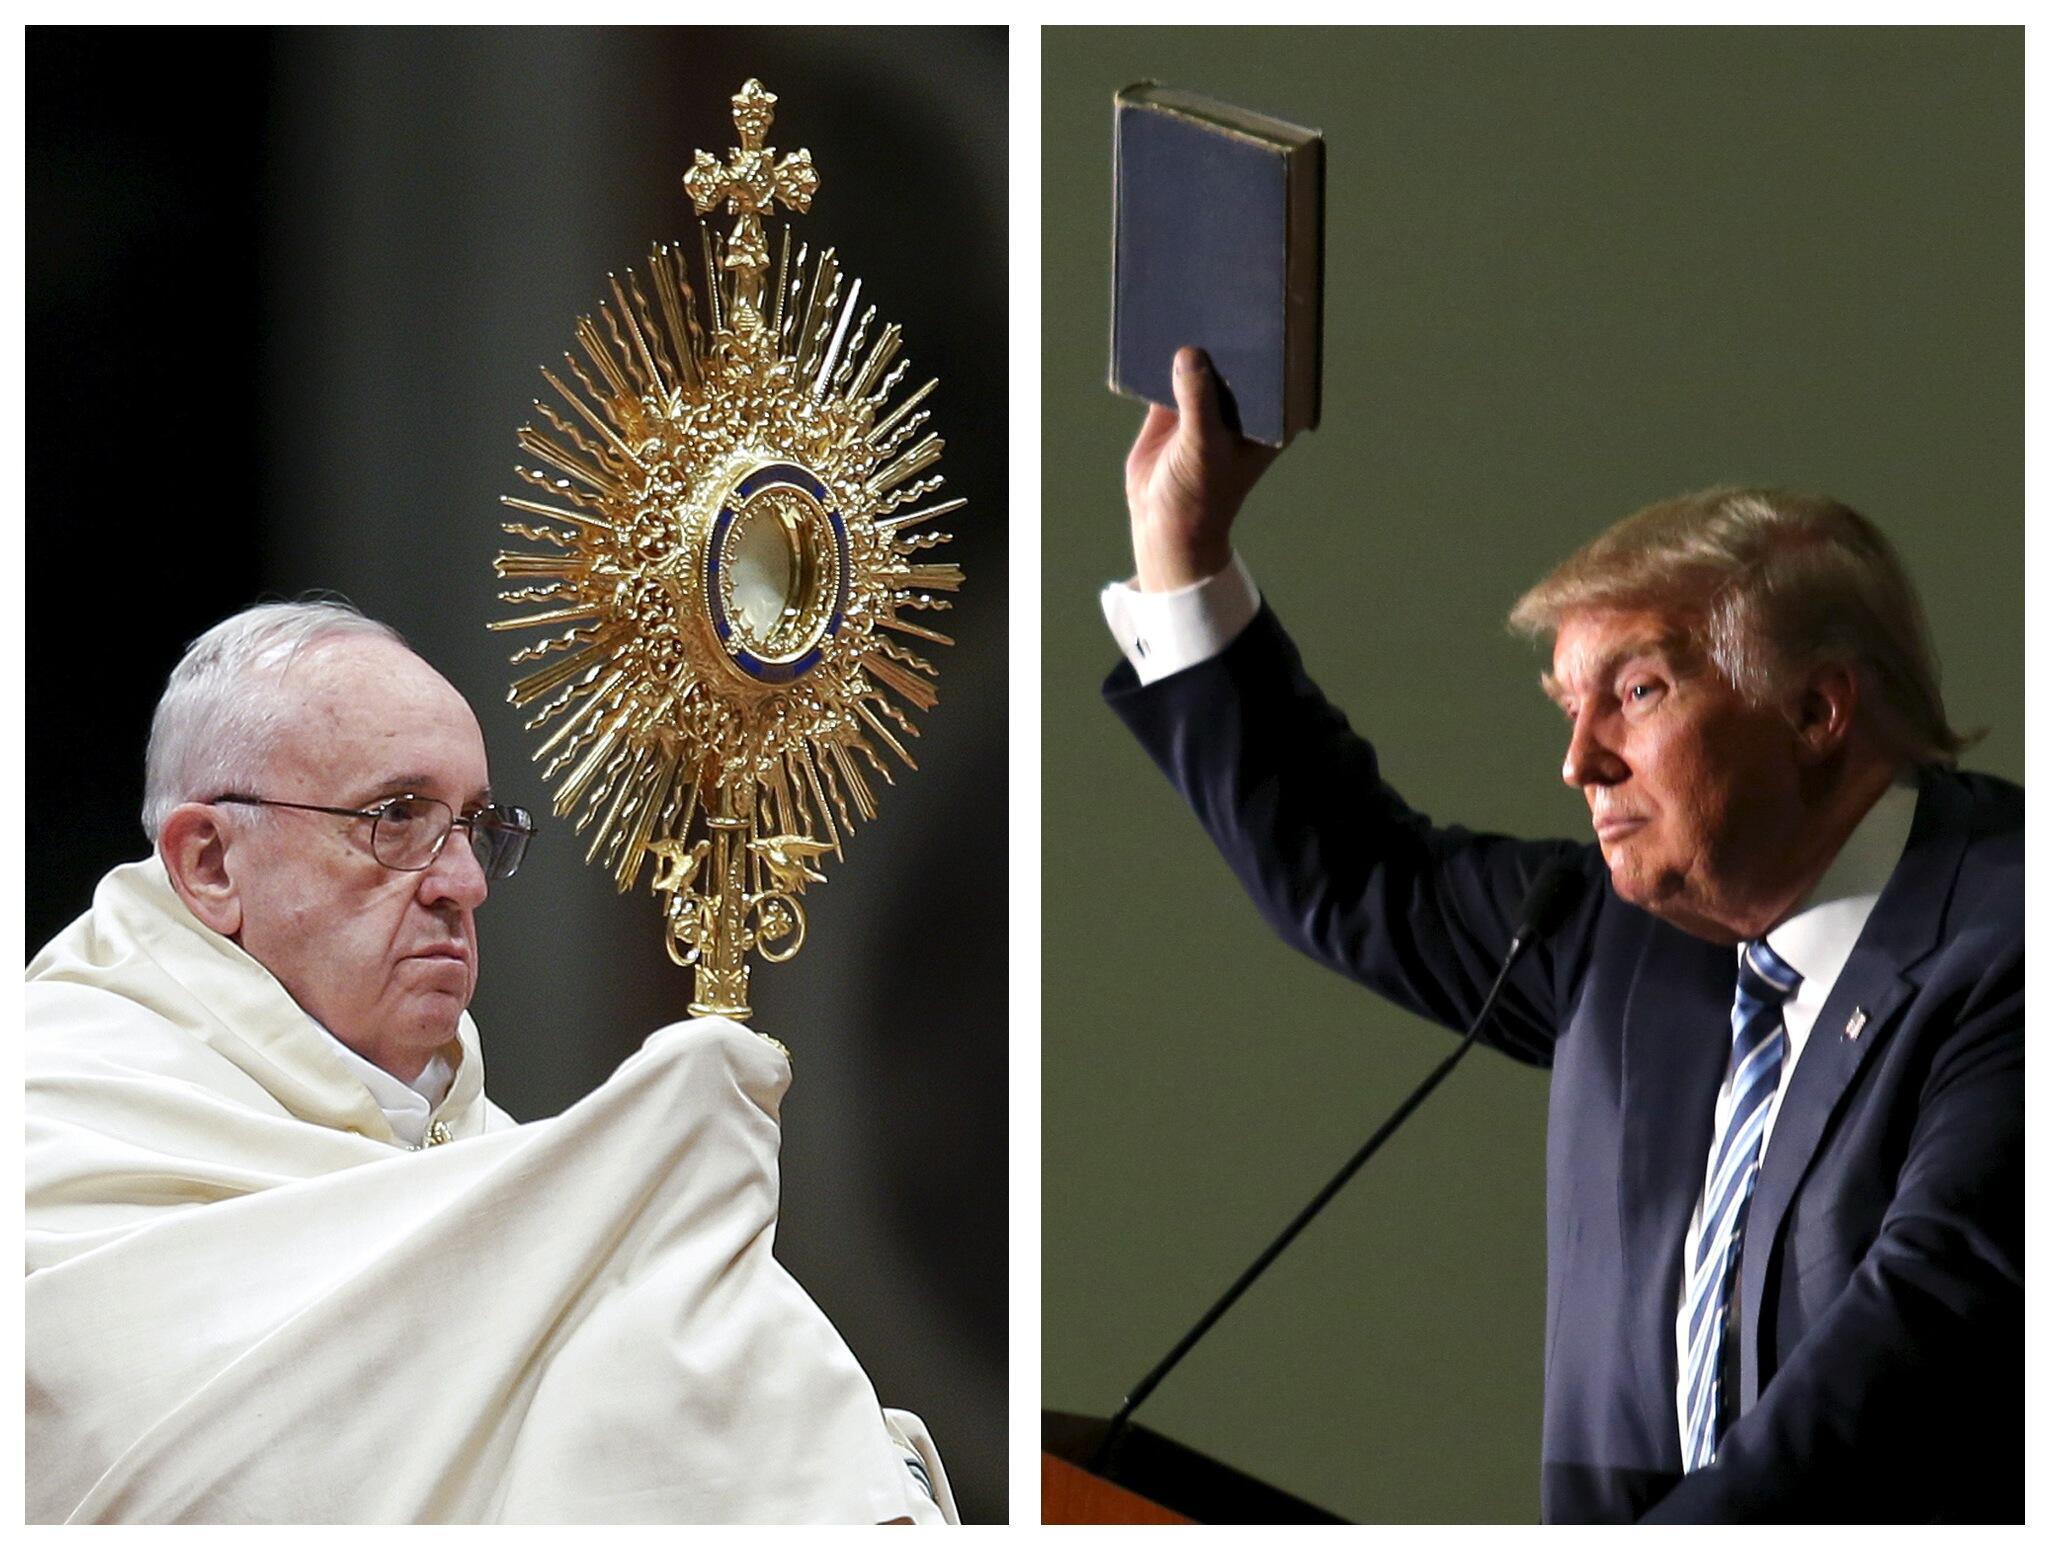 Папа Франциск (слева) и Дональд Трамп